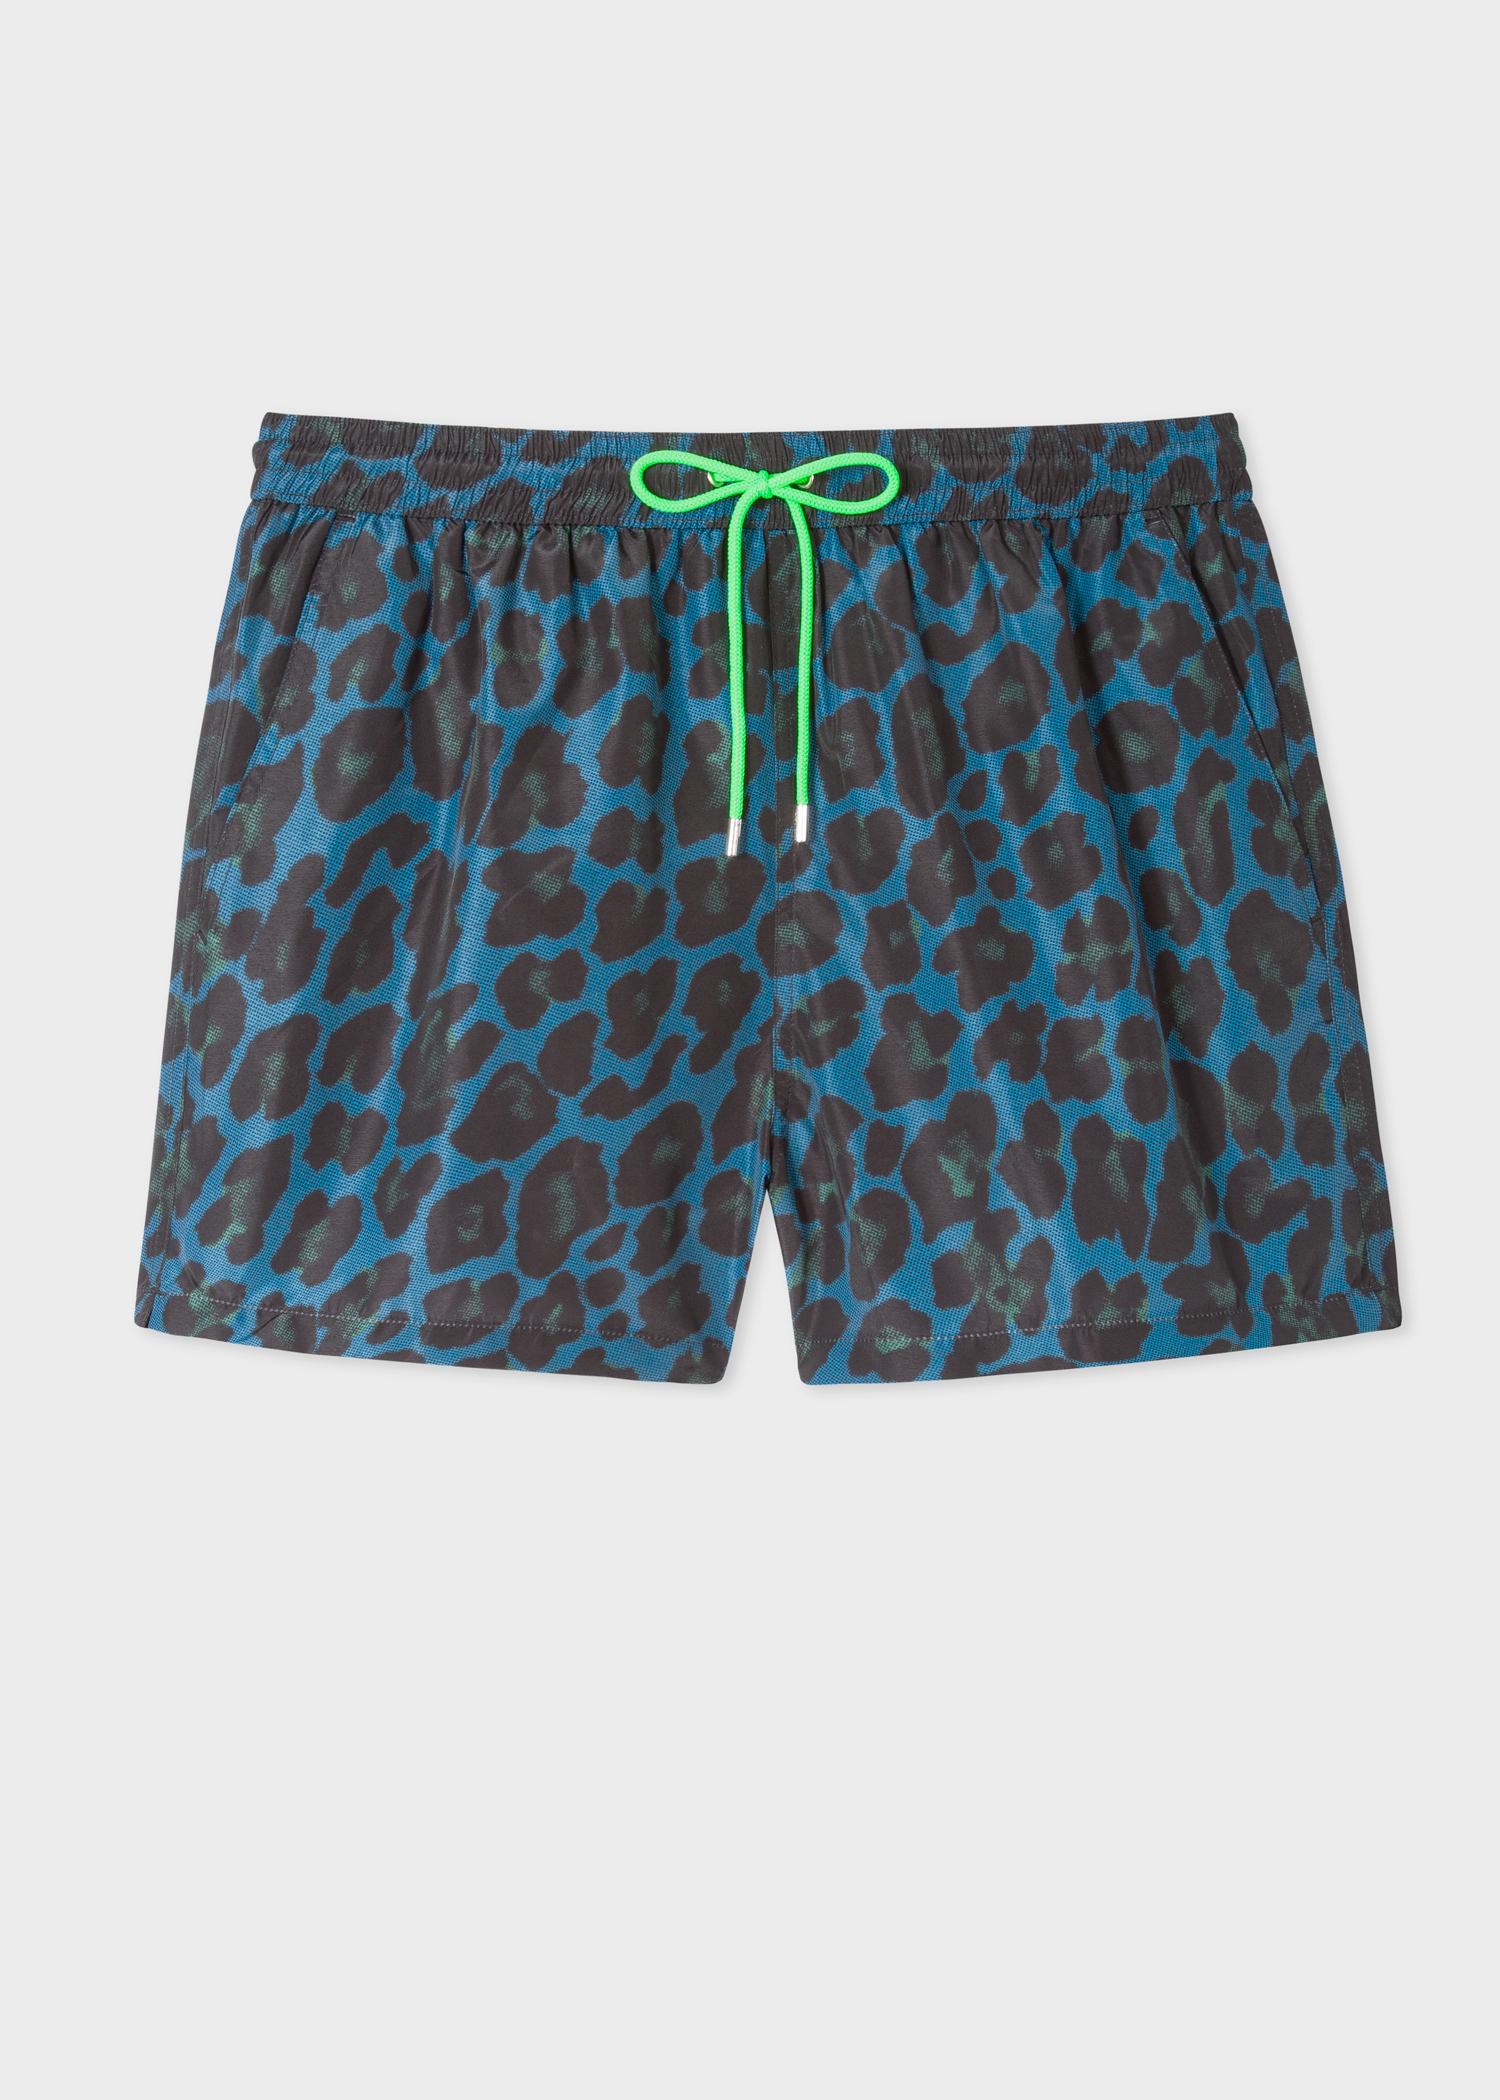 a00af2f1f Men's Petrol 'Leopard' Motif Swim Shorts